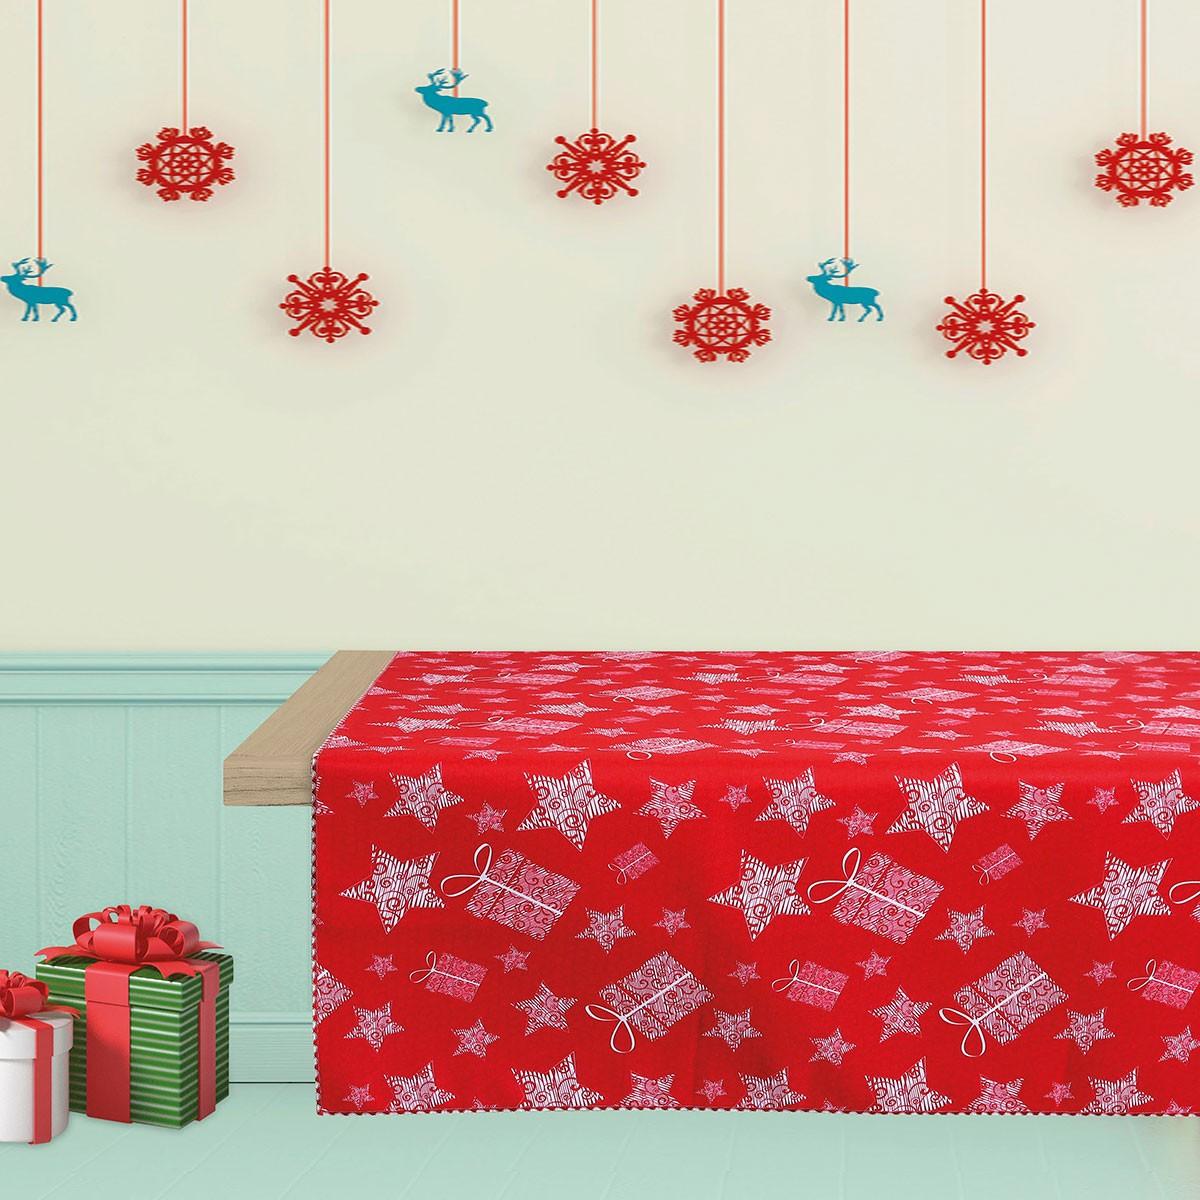 Χριστουγεννιάτικο Τραπεζομάντηλο (140x140) Das Home Kitchen 534